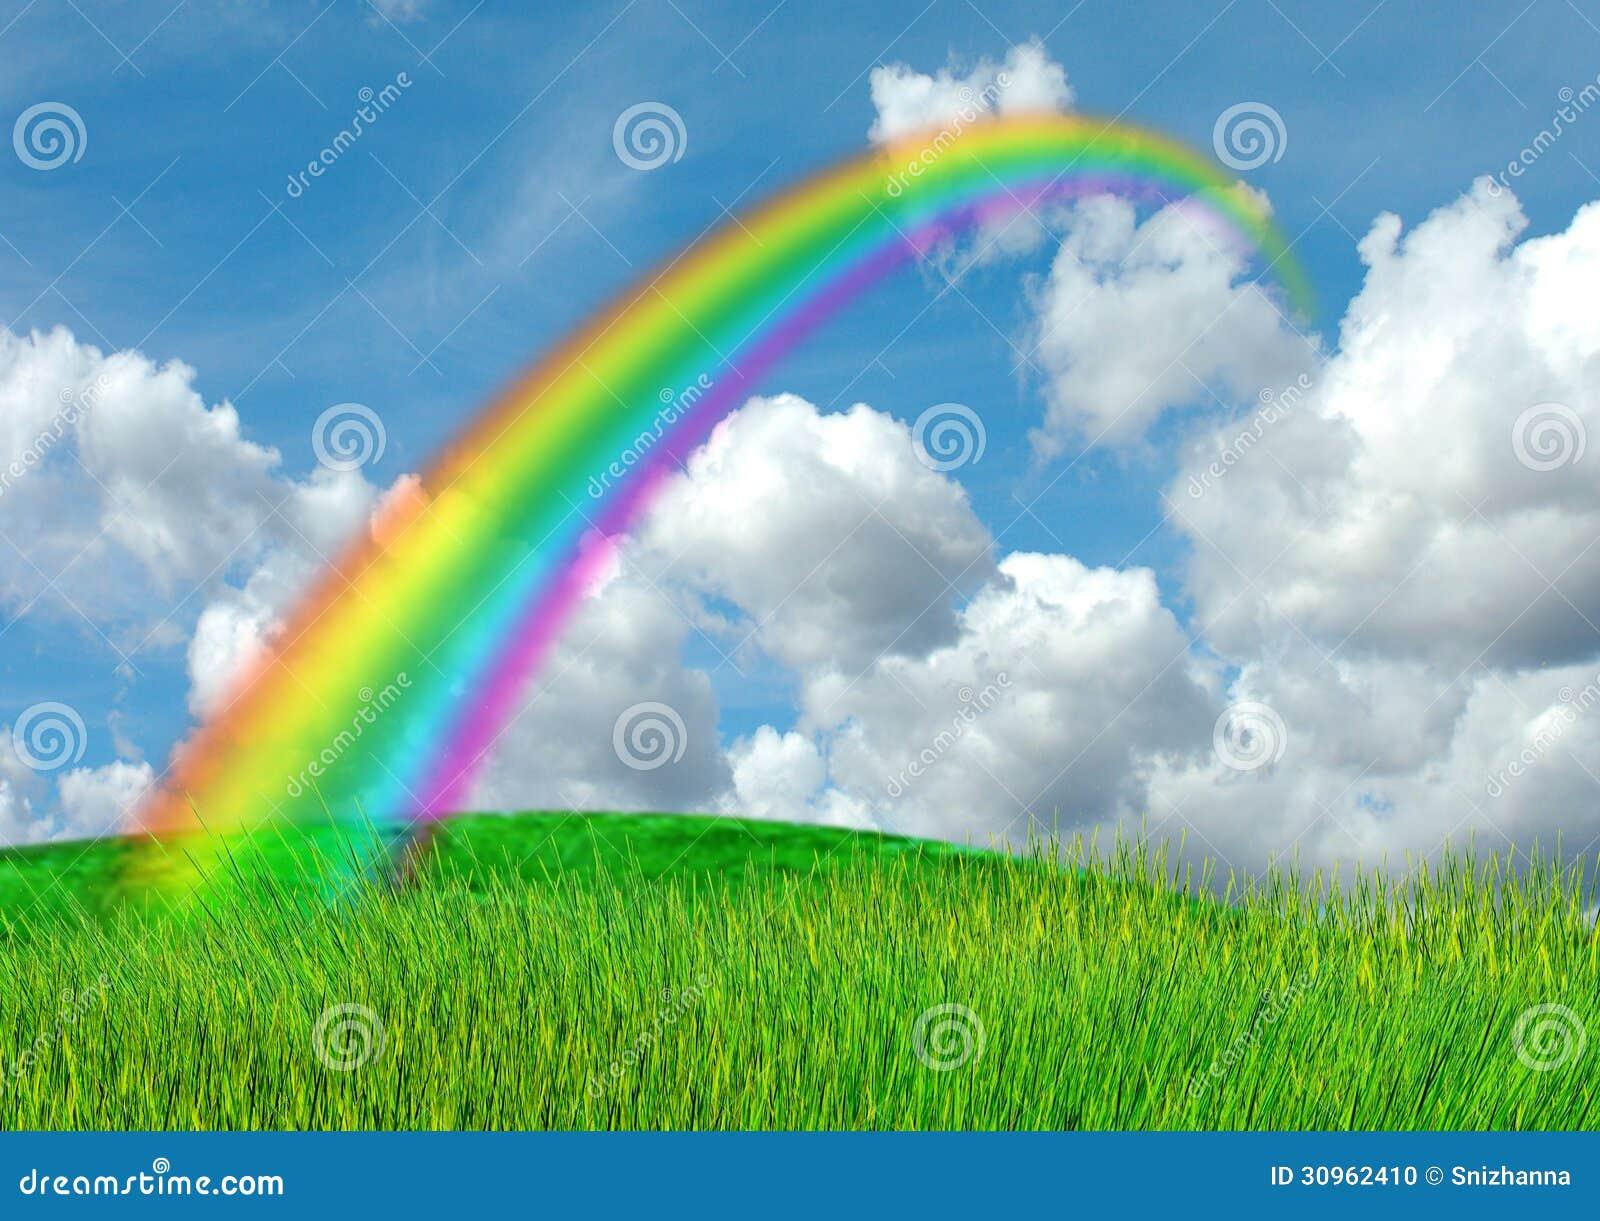 regenbogen im blauen himmel stockfoto  bild von himmel